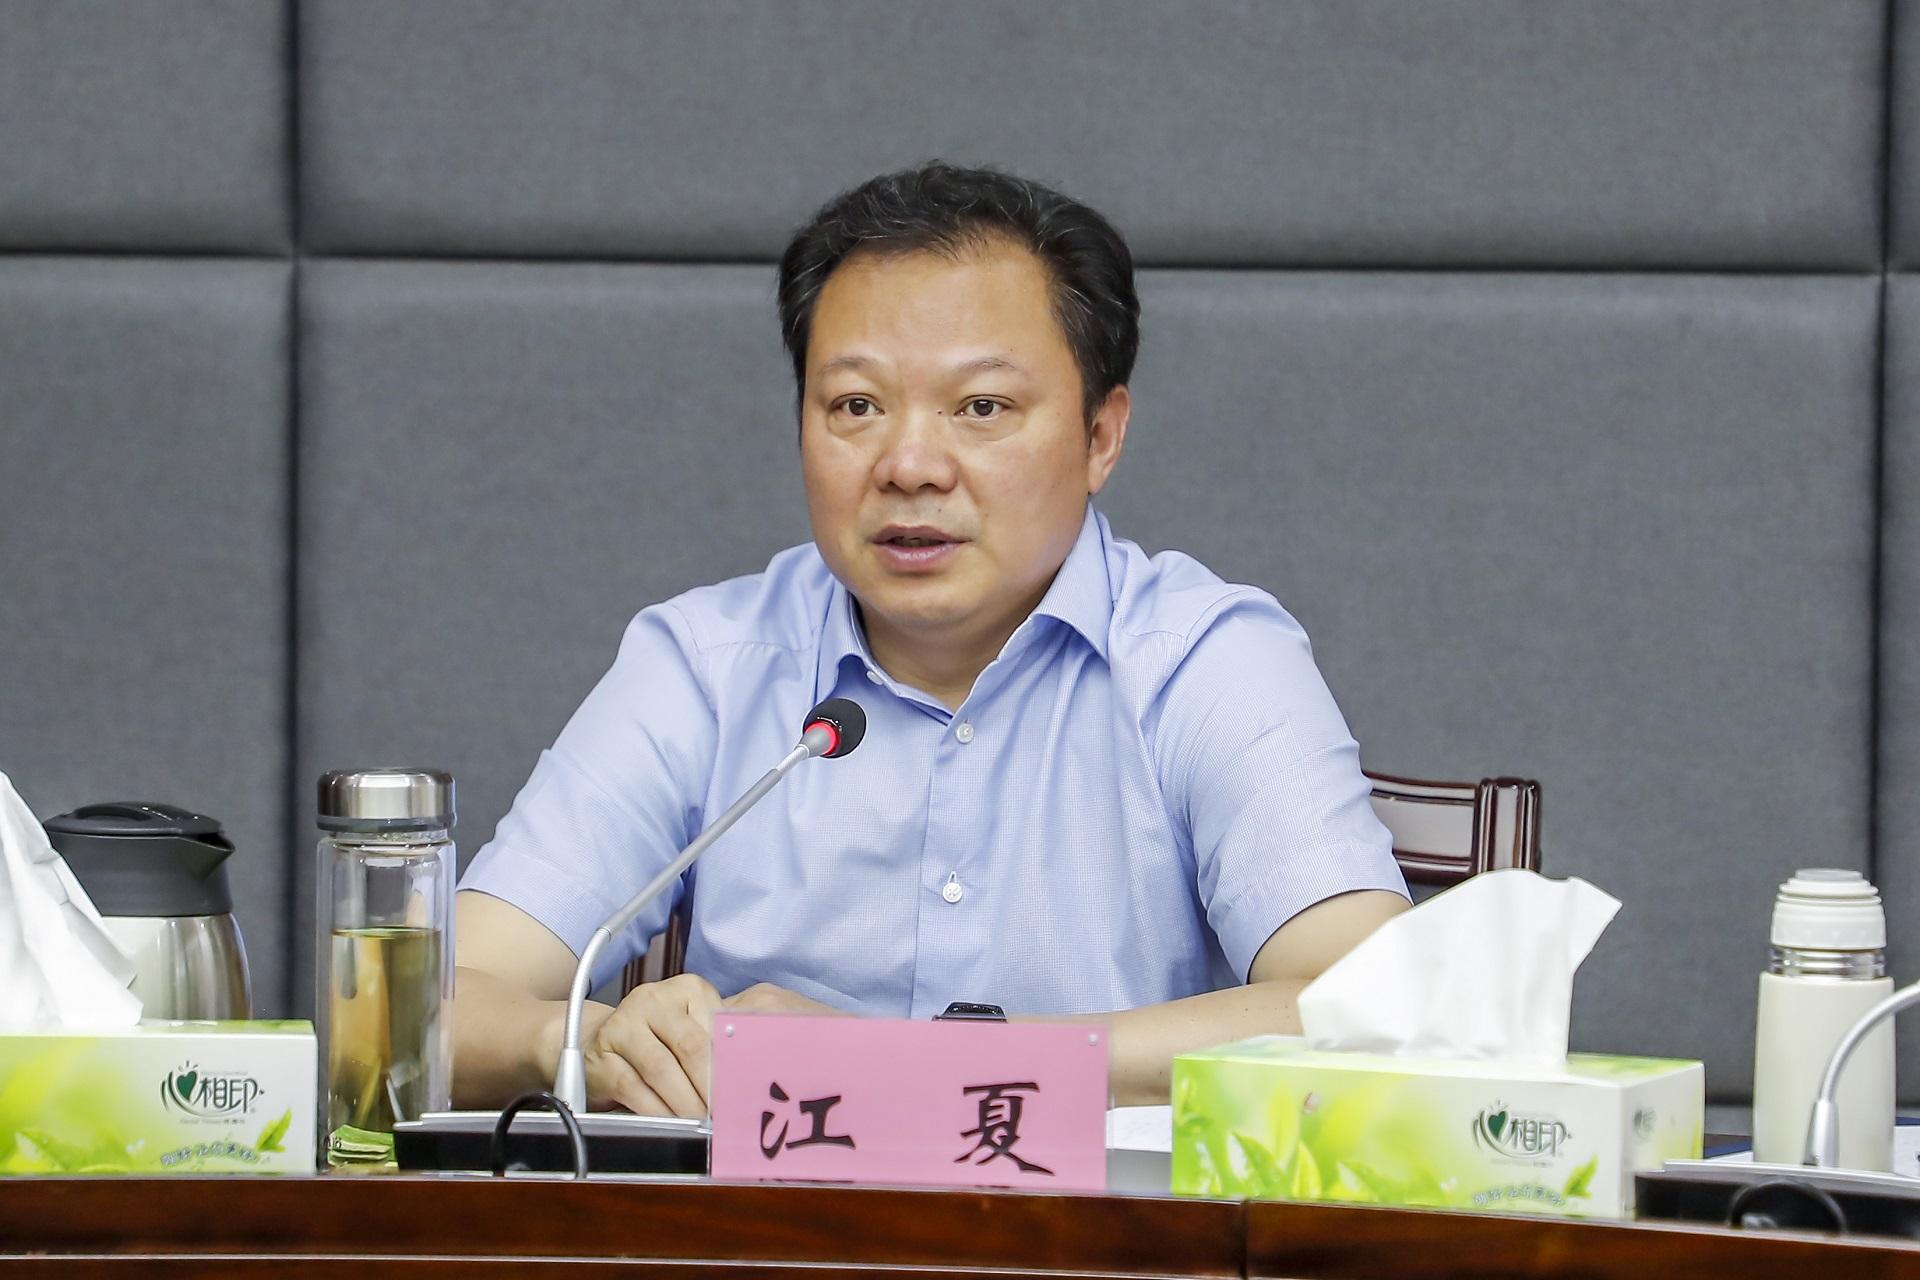 县委常委会召开会议:深入推进党史学习教育  营造良好氛围庆祝建党100周年